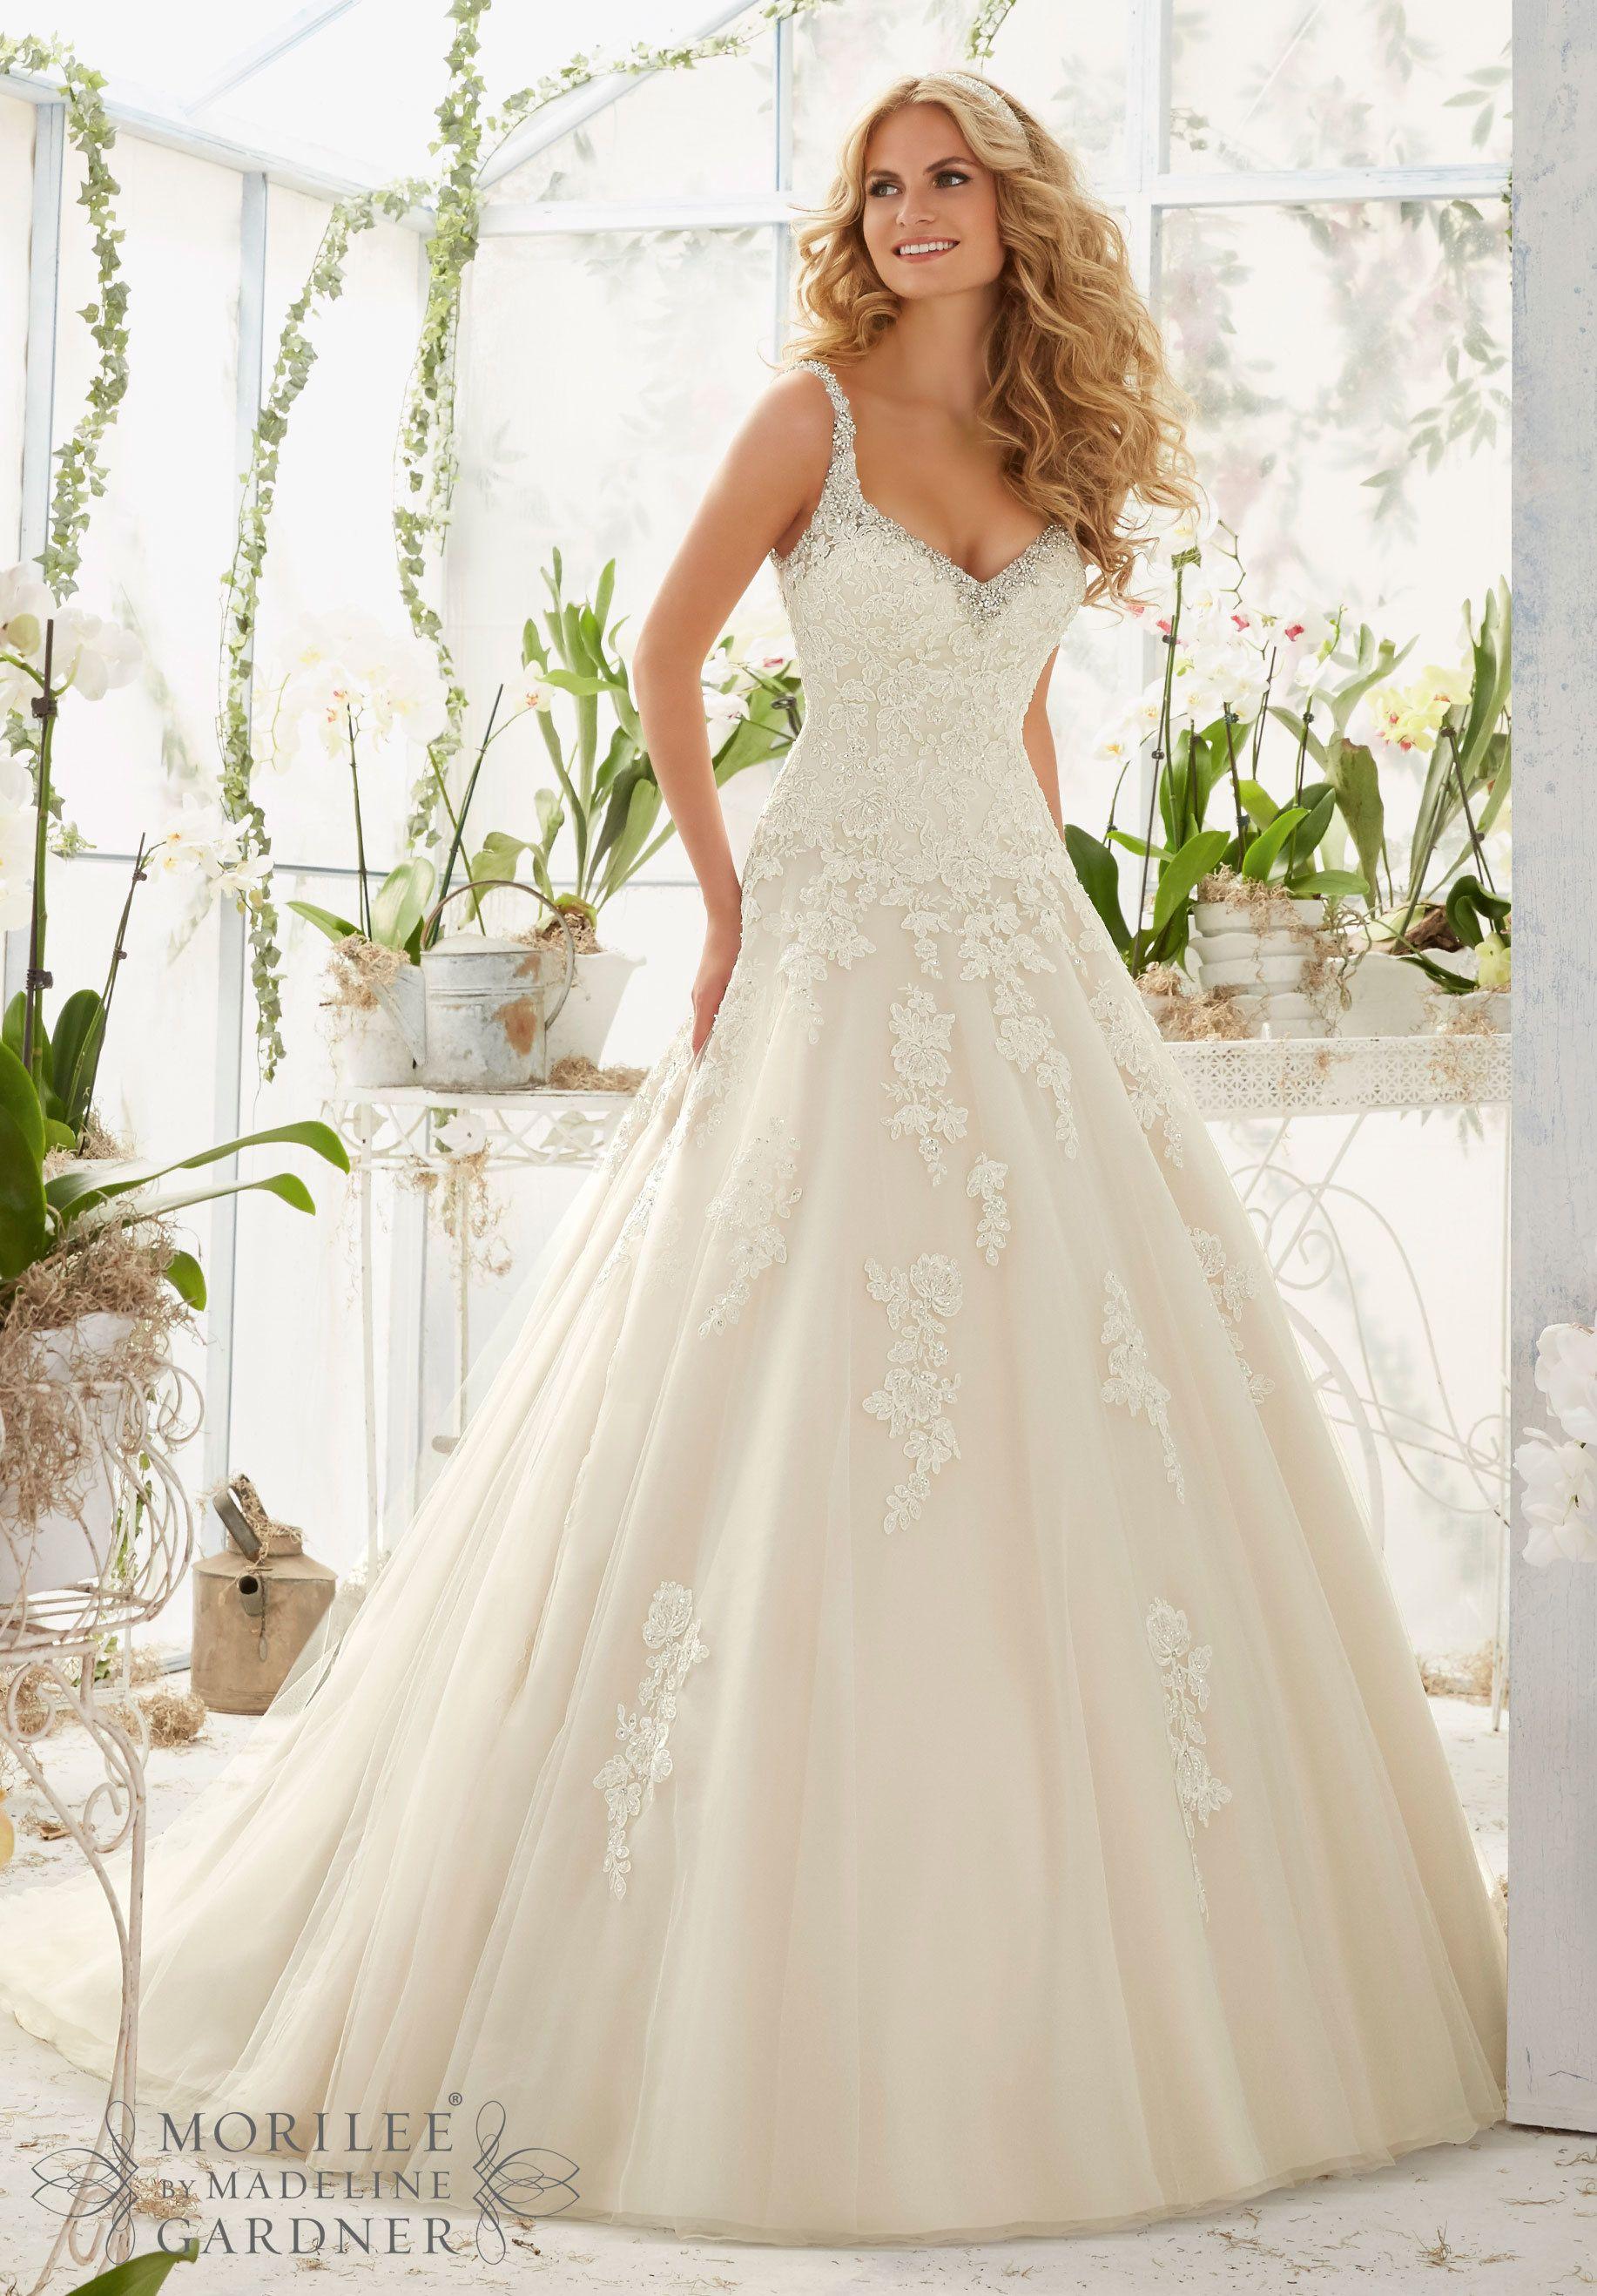 3b7358d379b9 MoriLee 2811 – Anina Brud & Festspecialisten Bröllopsdesserter,  Bröllopsklänningsstilar, Förlovning, Brudtärnor, Drömbröllop